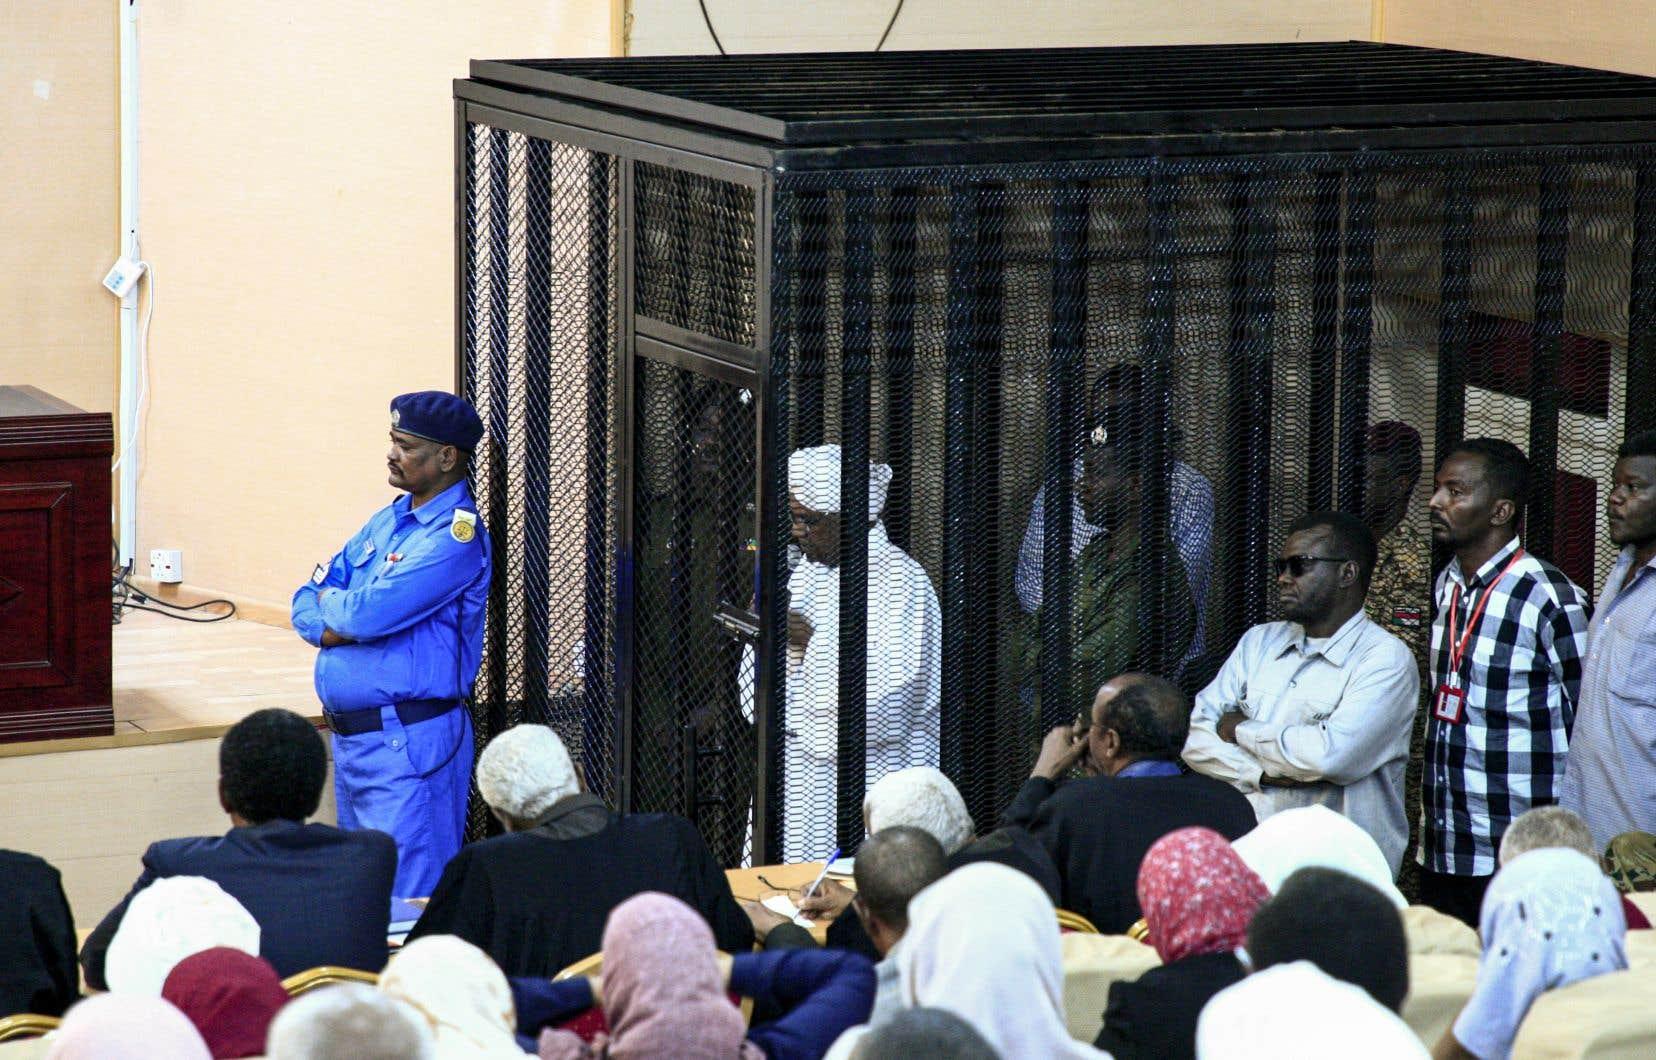 Omar el-Béchir sera dans le box des accusés avec 10 autres militaires et six civils, parmi lesquels ses anciens vice-présidents Ali Osman Taha et le général Bakri Hassan Saleh. On le voit ici en cour à Khartoum en août 2019.